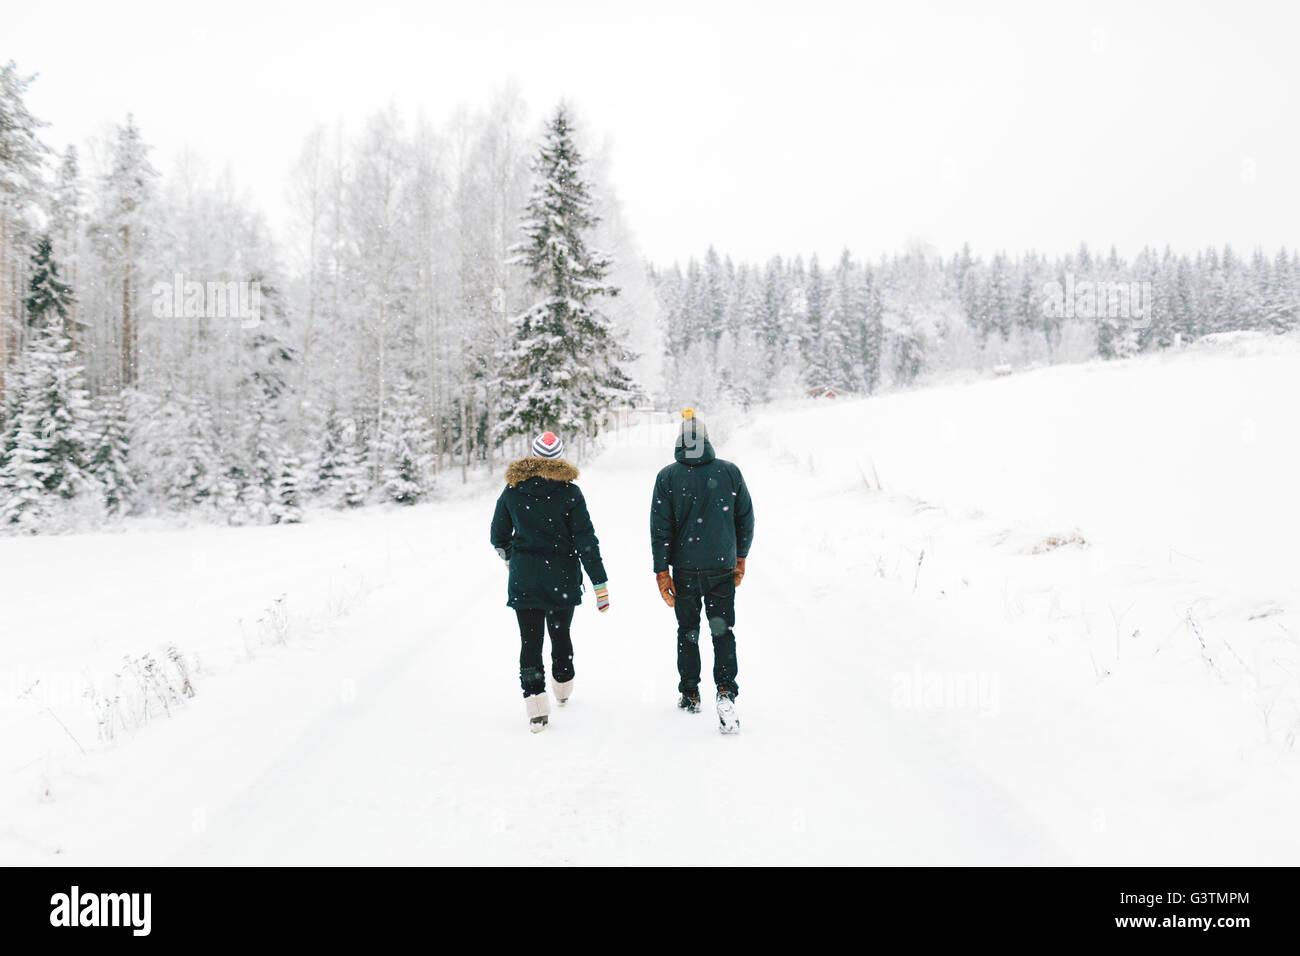 Finlandia, Jyvaskyla, Saakoski, coppia giovane camminando lungo la strada coperta di neve Immagini Stock